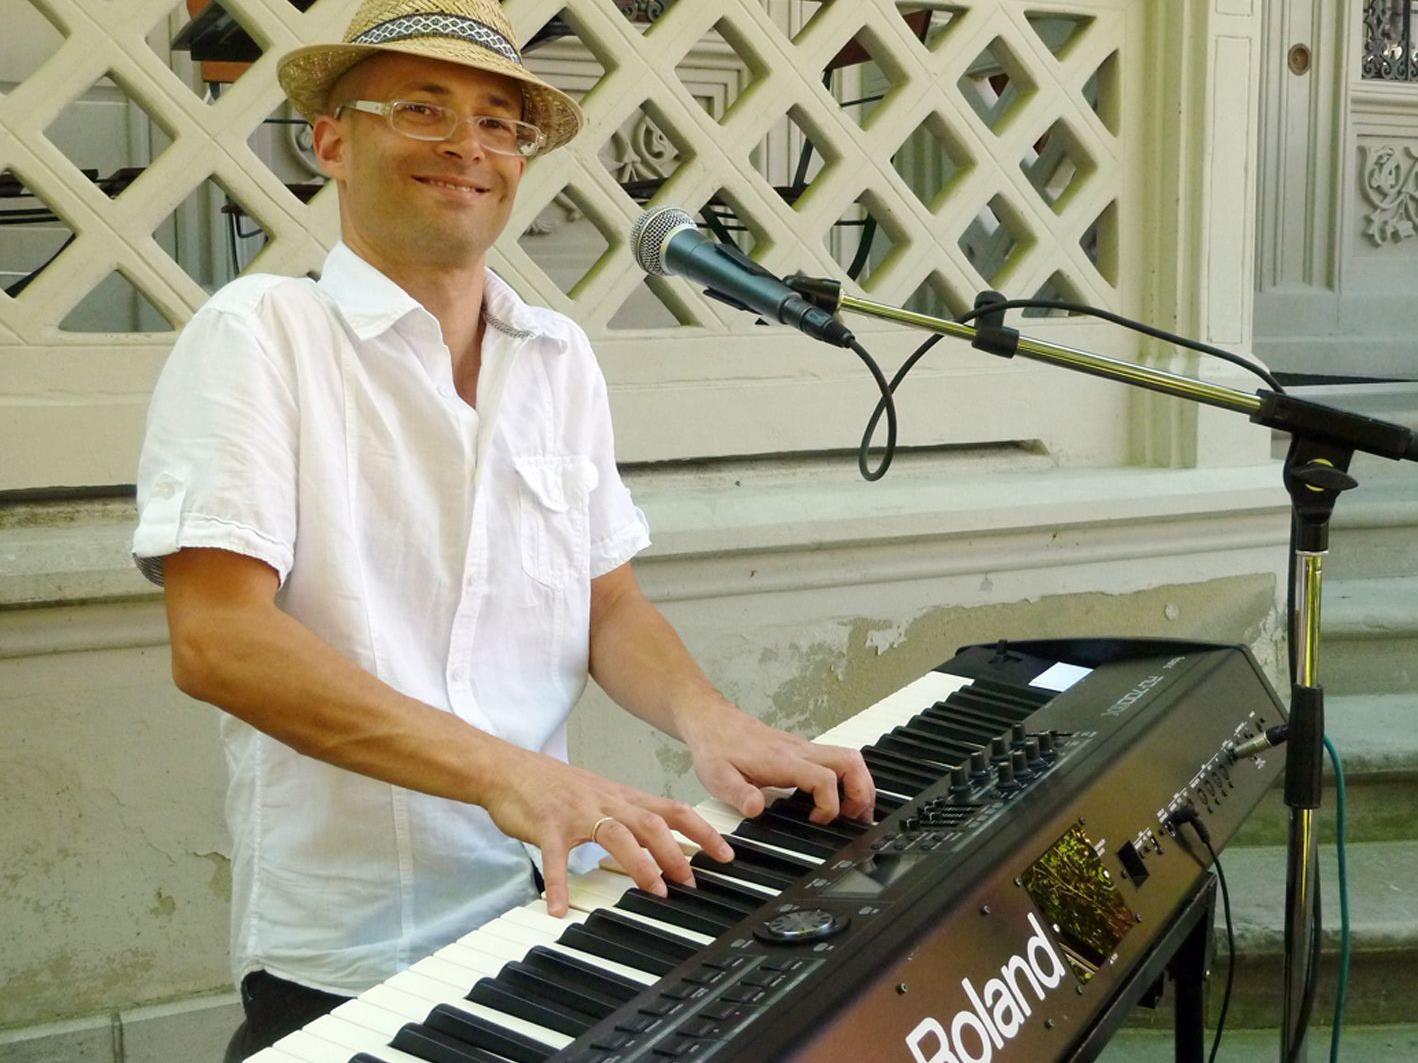 Den Anfang der Sommernachtsjazz-Konzertreihe macht der Pianist und Sänger Christof Waibel.